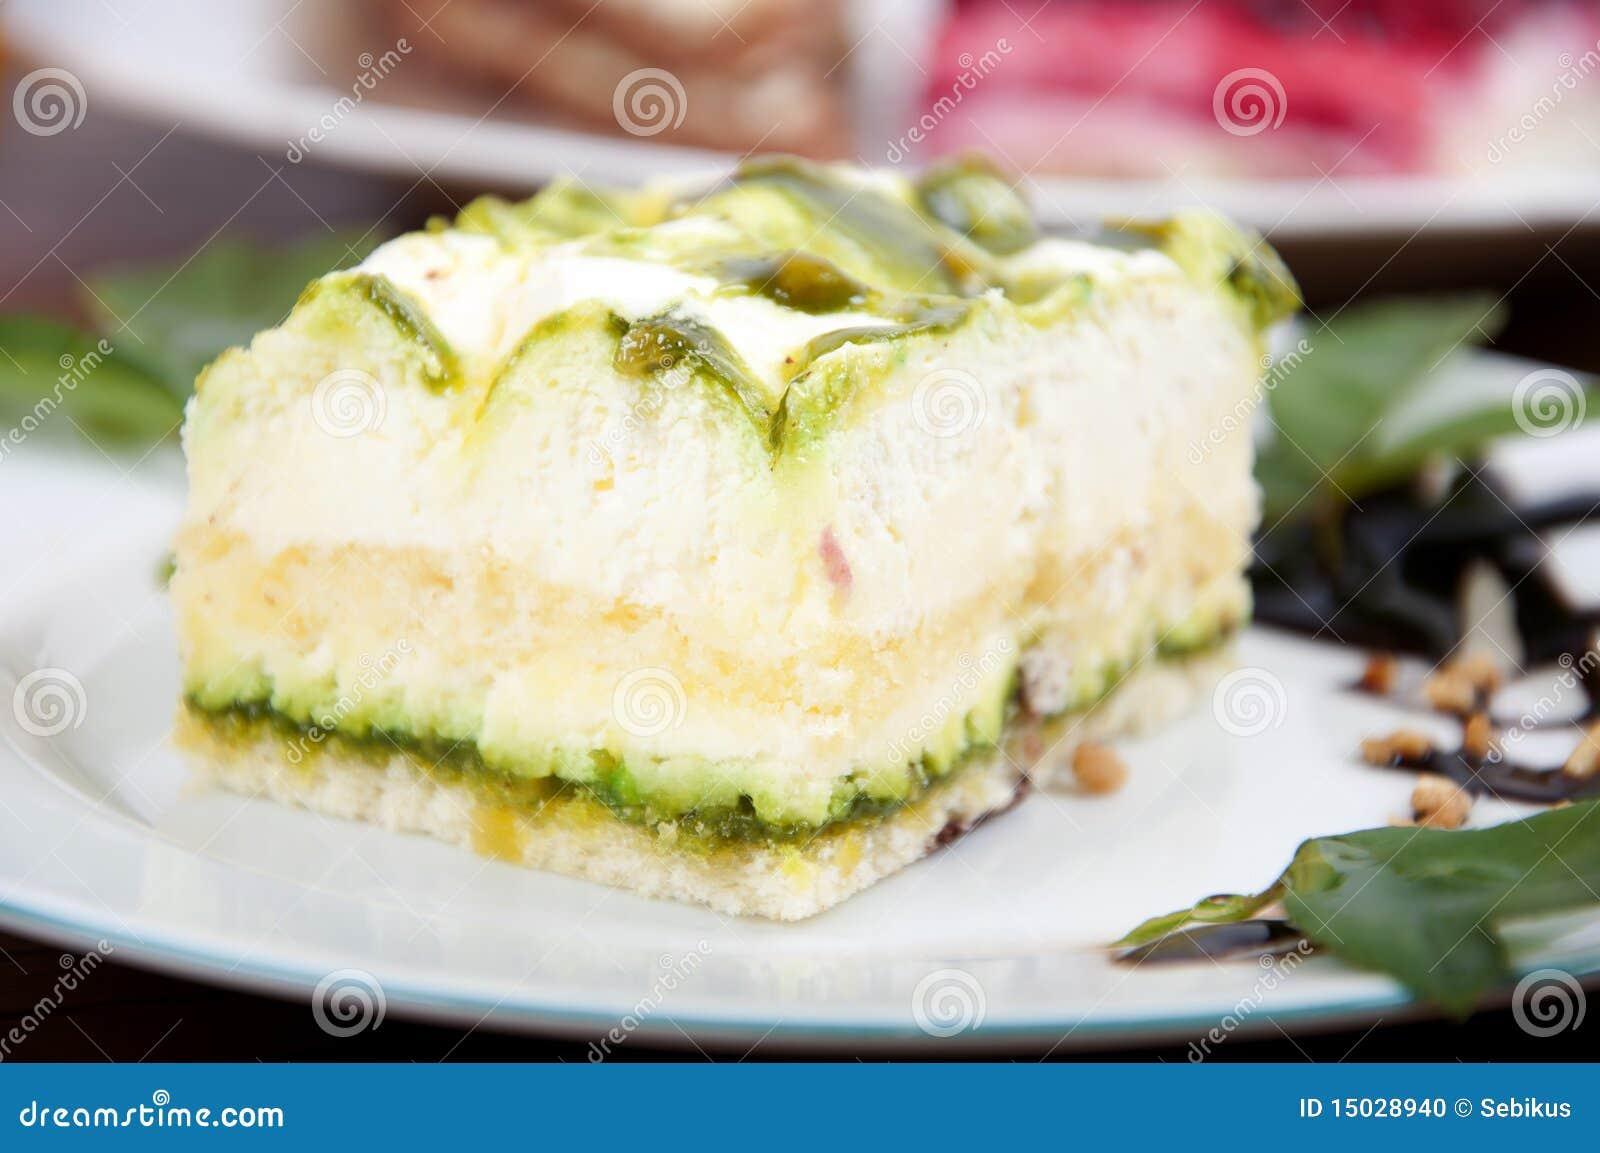 Pistachio Cream Dessert Recipe — Dishmaps